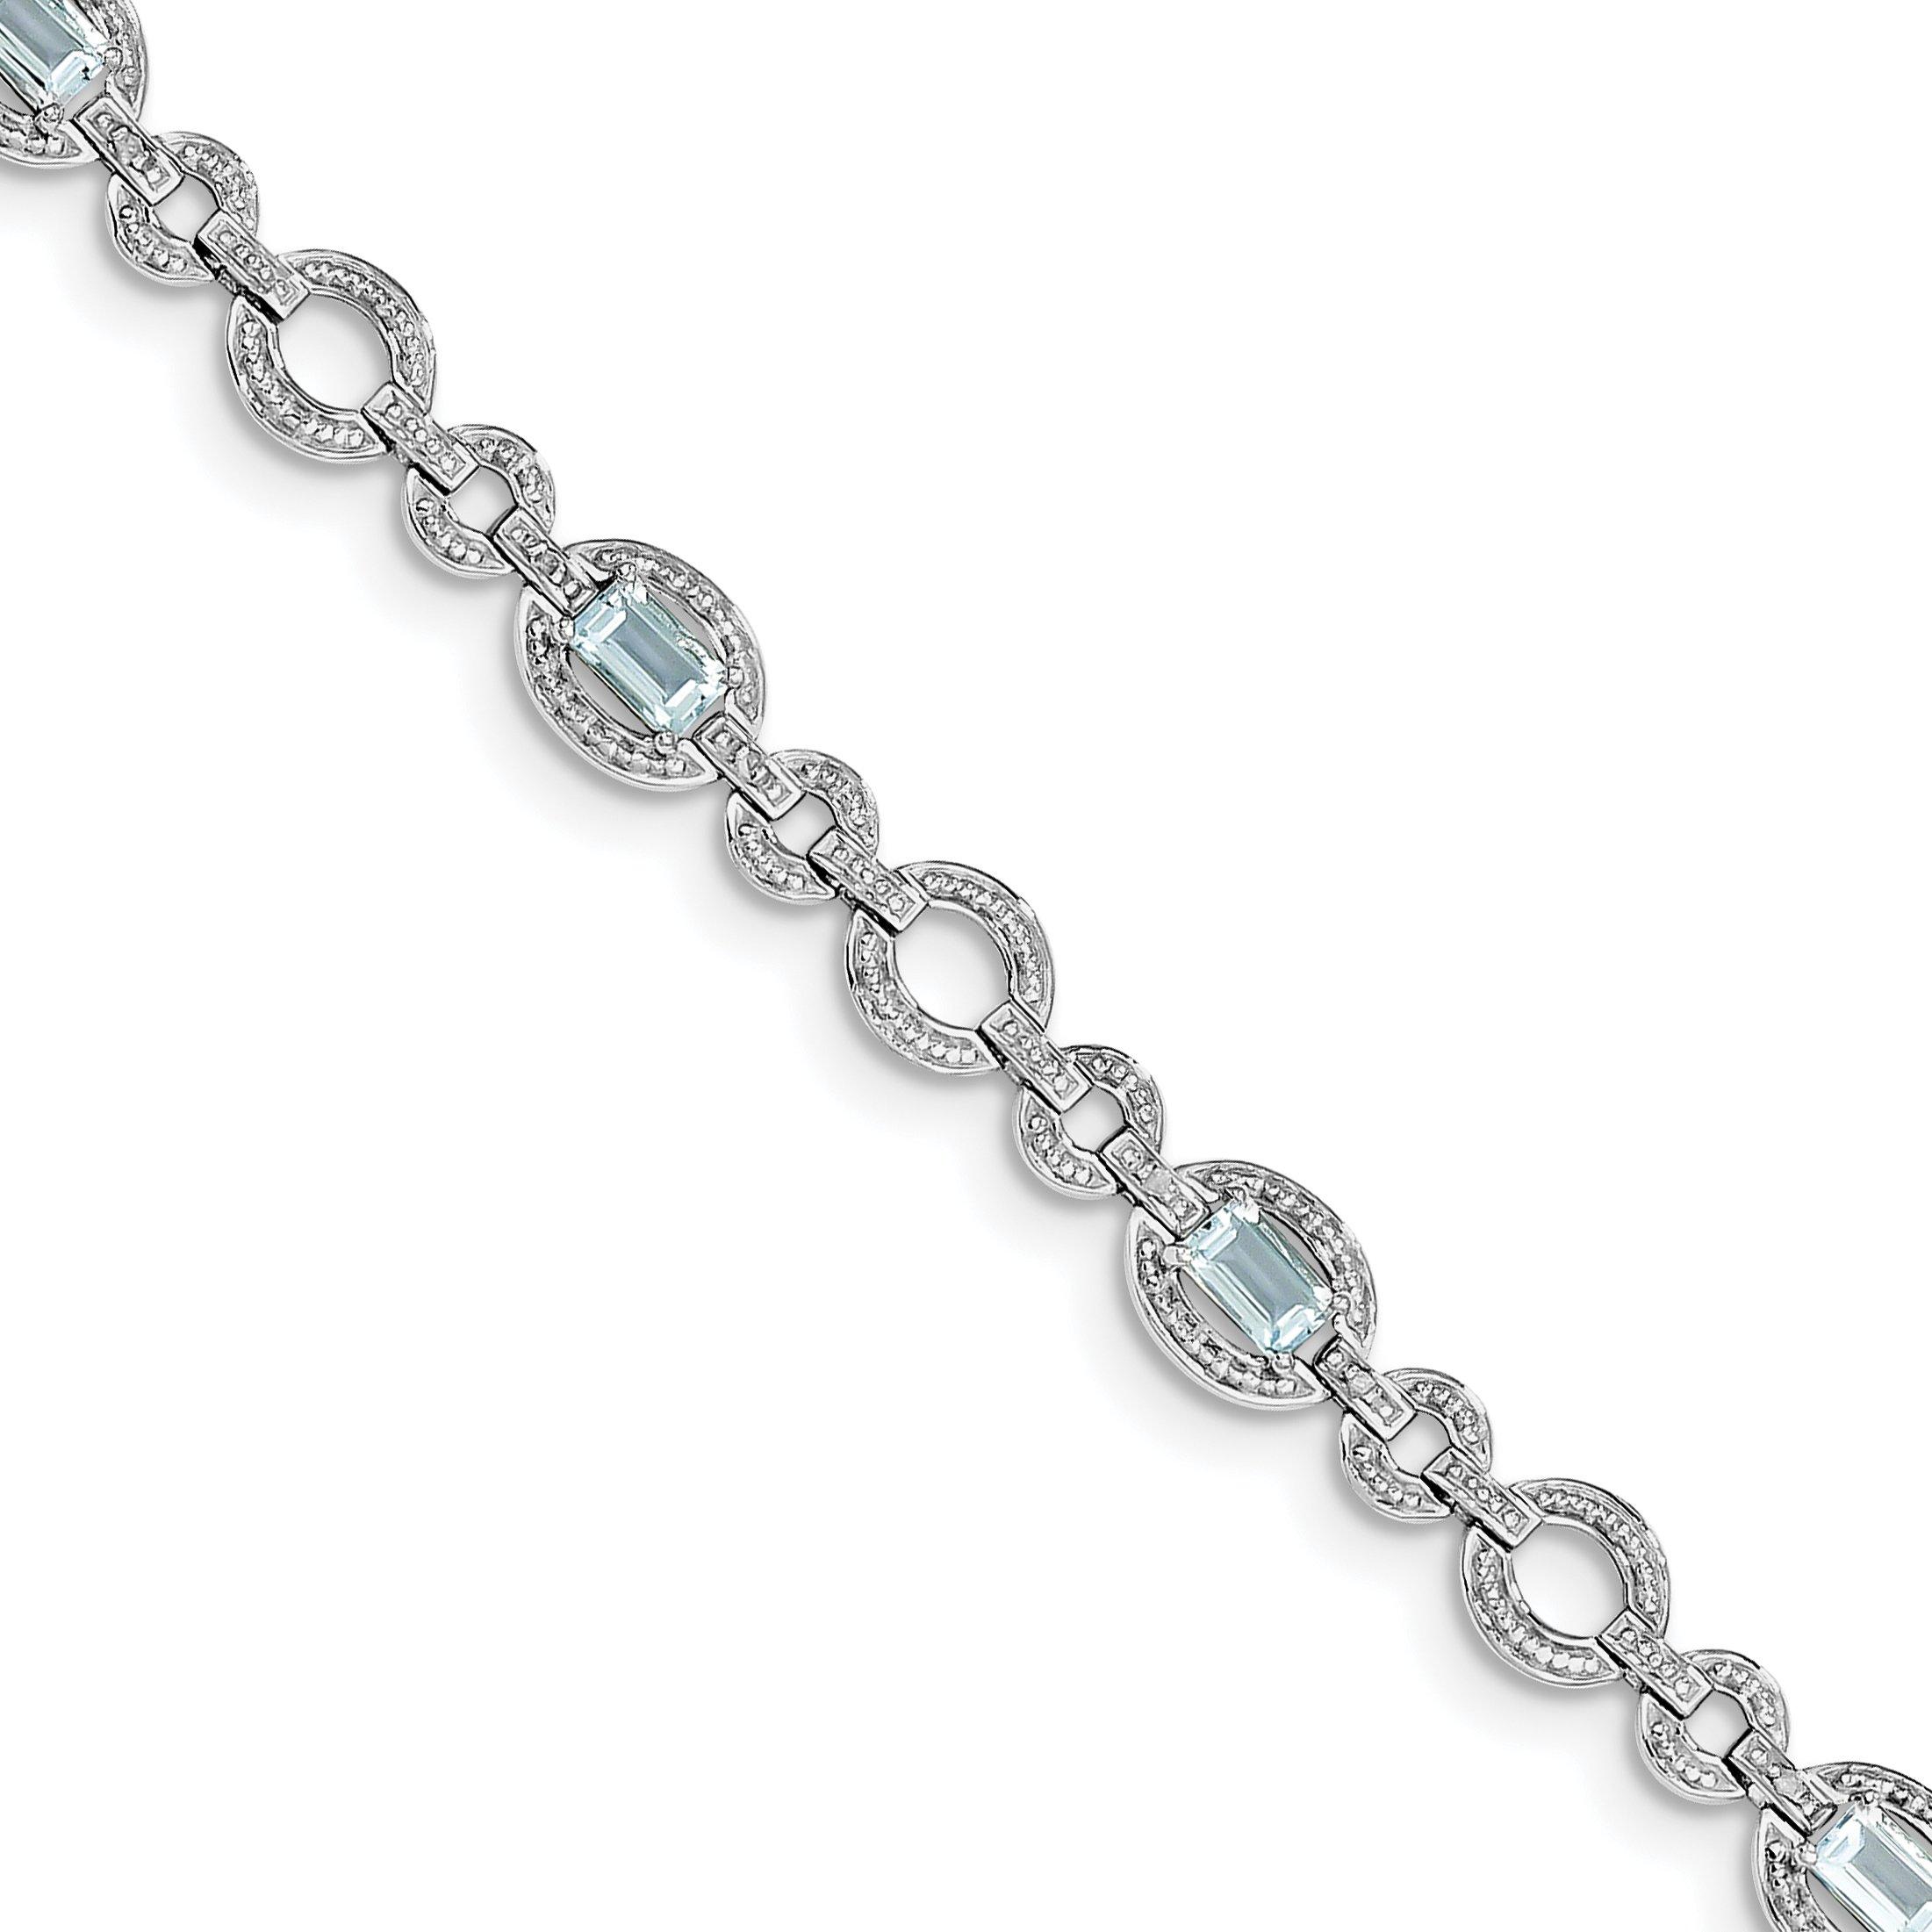 ICE CARATS 925 Sterling Silver Diamond Swiss Blue Topaz Oval Bracelet 7 Inch Gemstone Fine Jewelry Gift Set For Women Heart